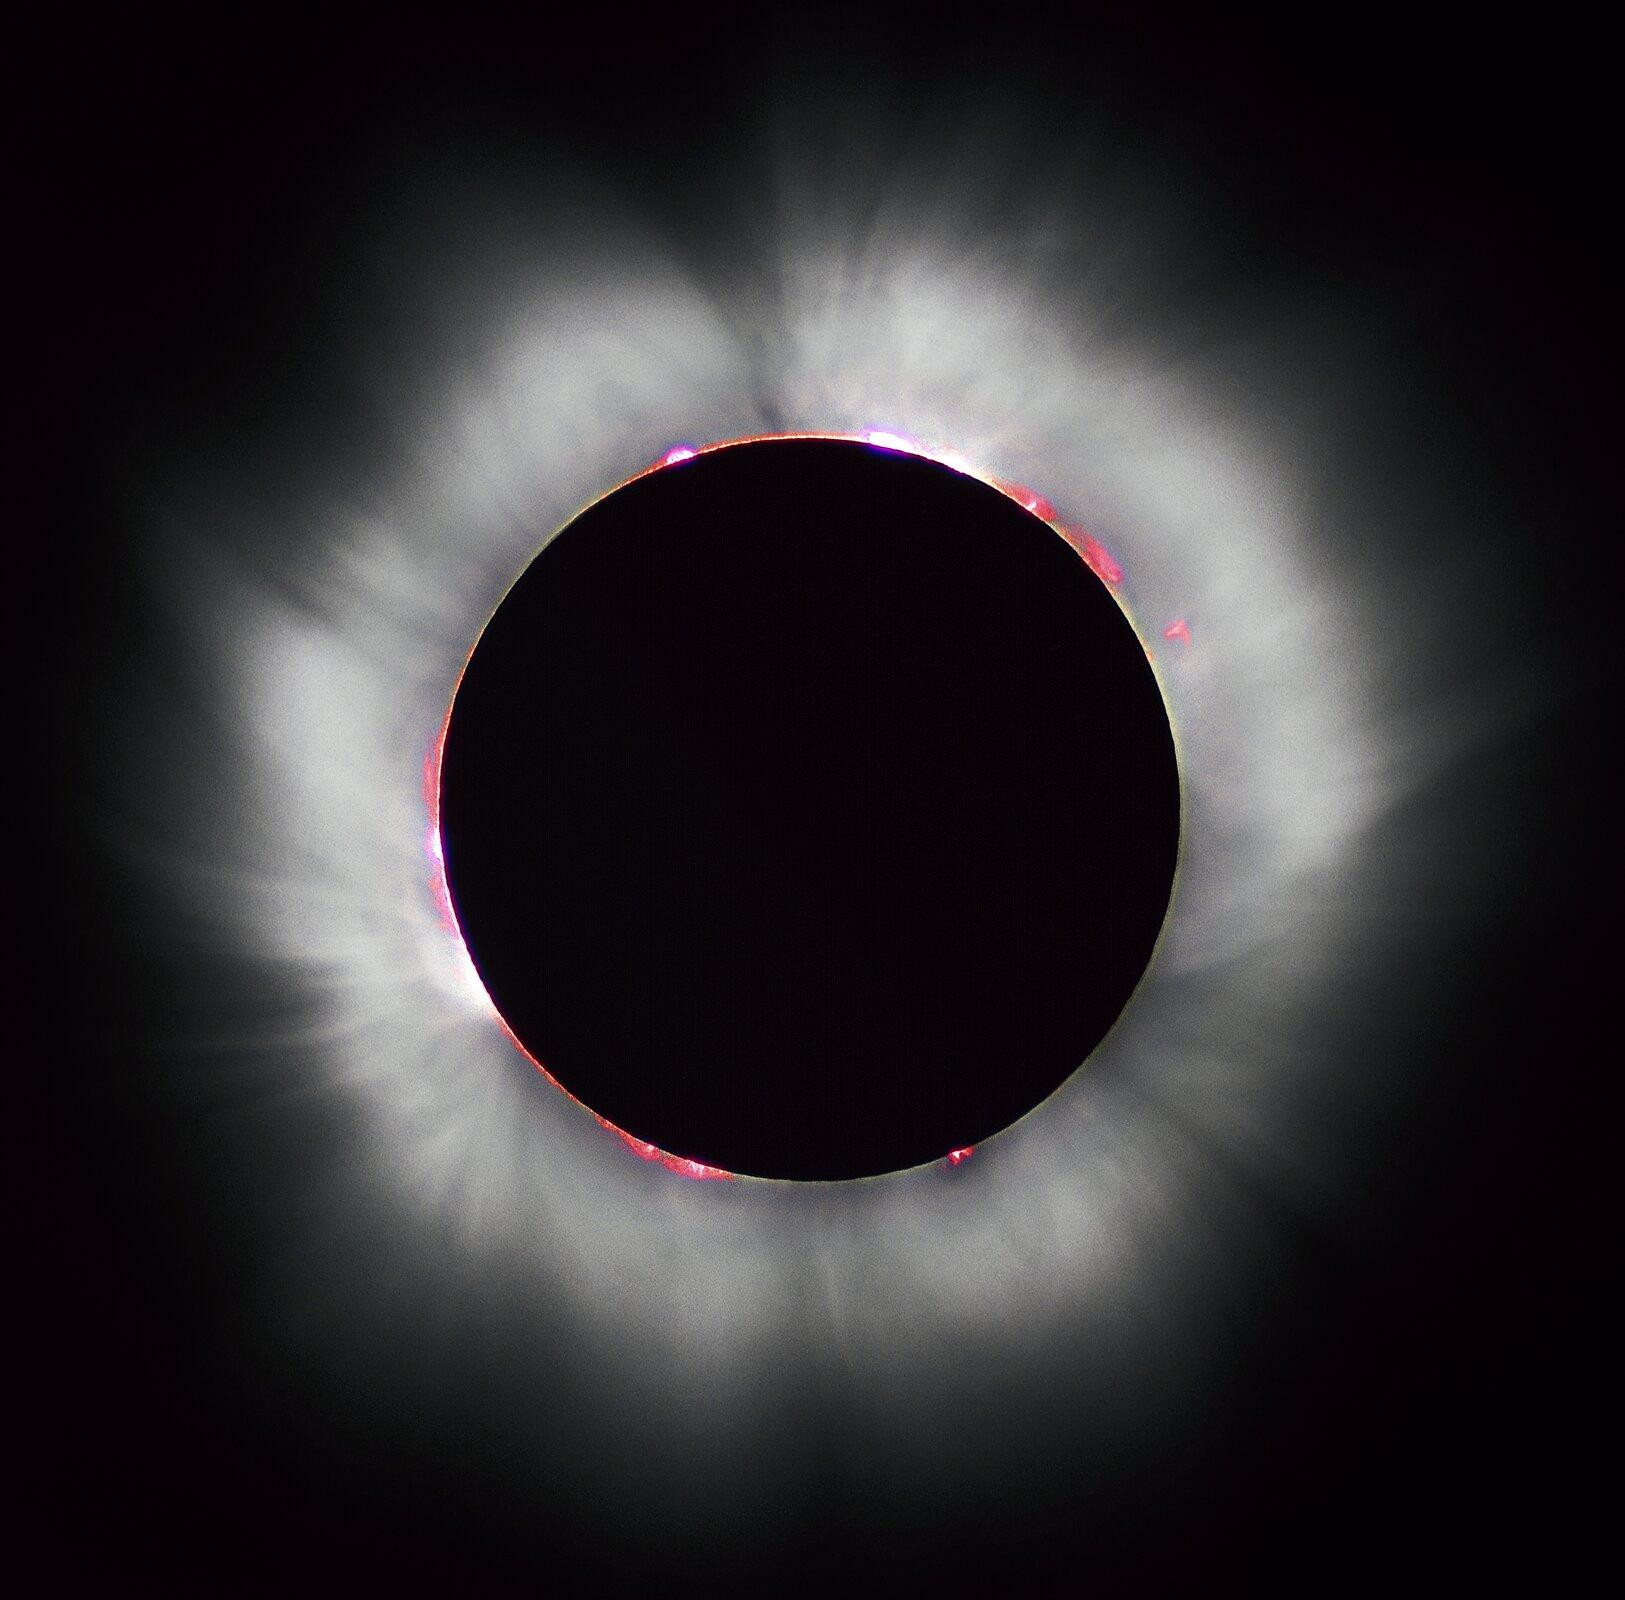 Zdjęcie przedstawia całkowite zaćmienie Słońca przez Księżyc w1999 roku we Francji. Tarcza słoneczna jest całkowicie przesłonięta całkowicie czarną tarczą Księżyca. Wyraźna jest korona słoneczna wpostaci białej poświaty przypominającej mgłę ikrańcowe obszary graniczne Słońca wpostaci czerwonych plam wokół tarczy Księżyca.